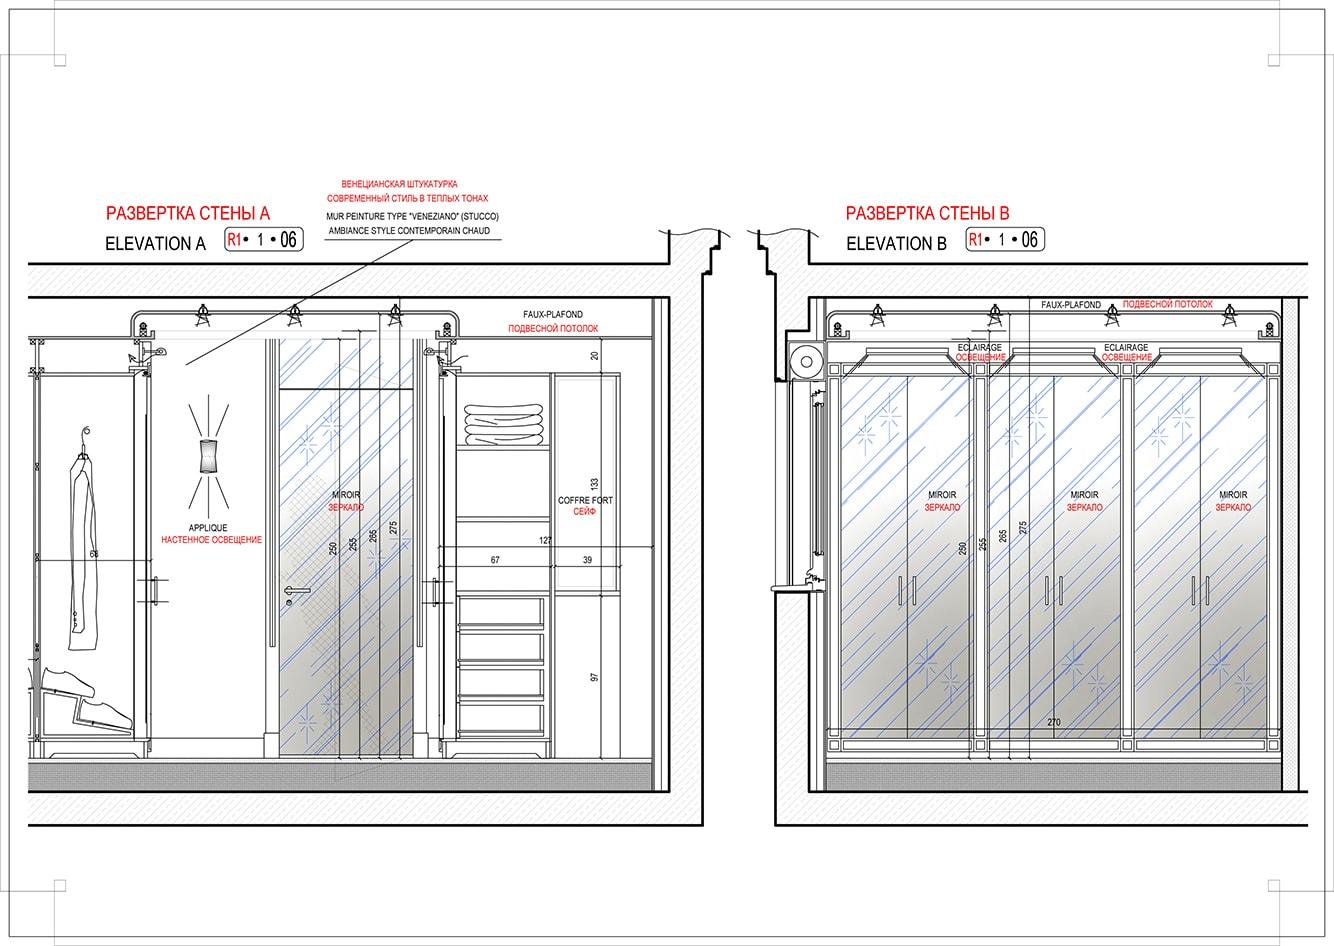 Plan Dressing conception de mobilier & maîtrise d'œuvre avec Agencement Concept Group